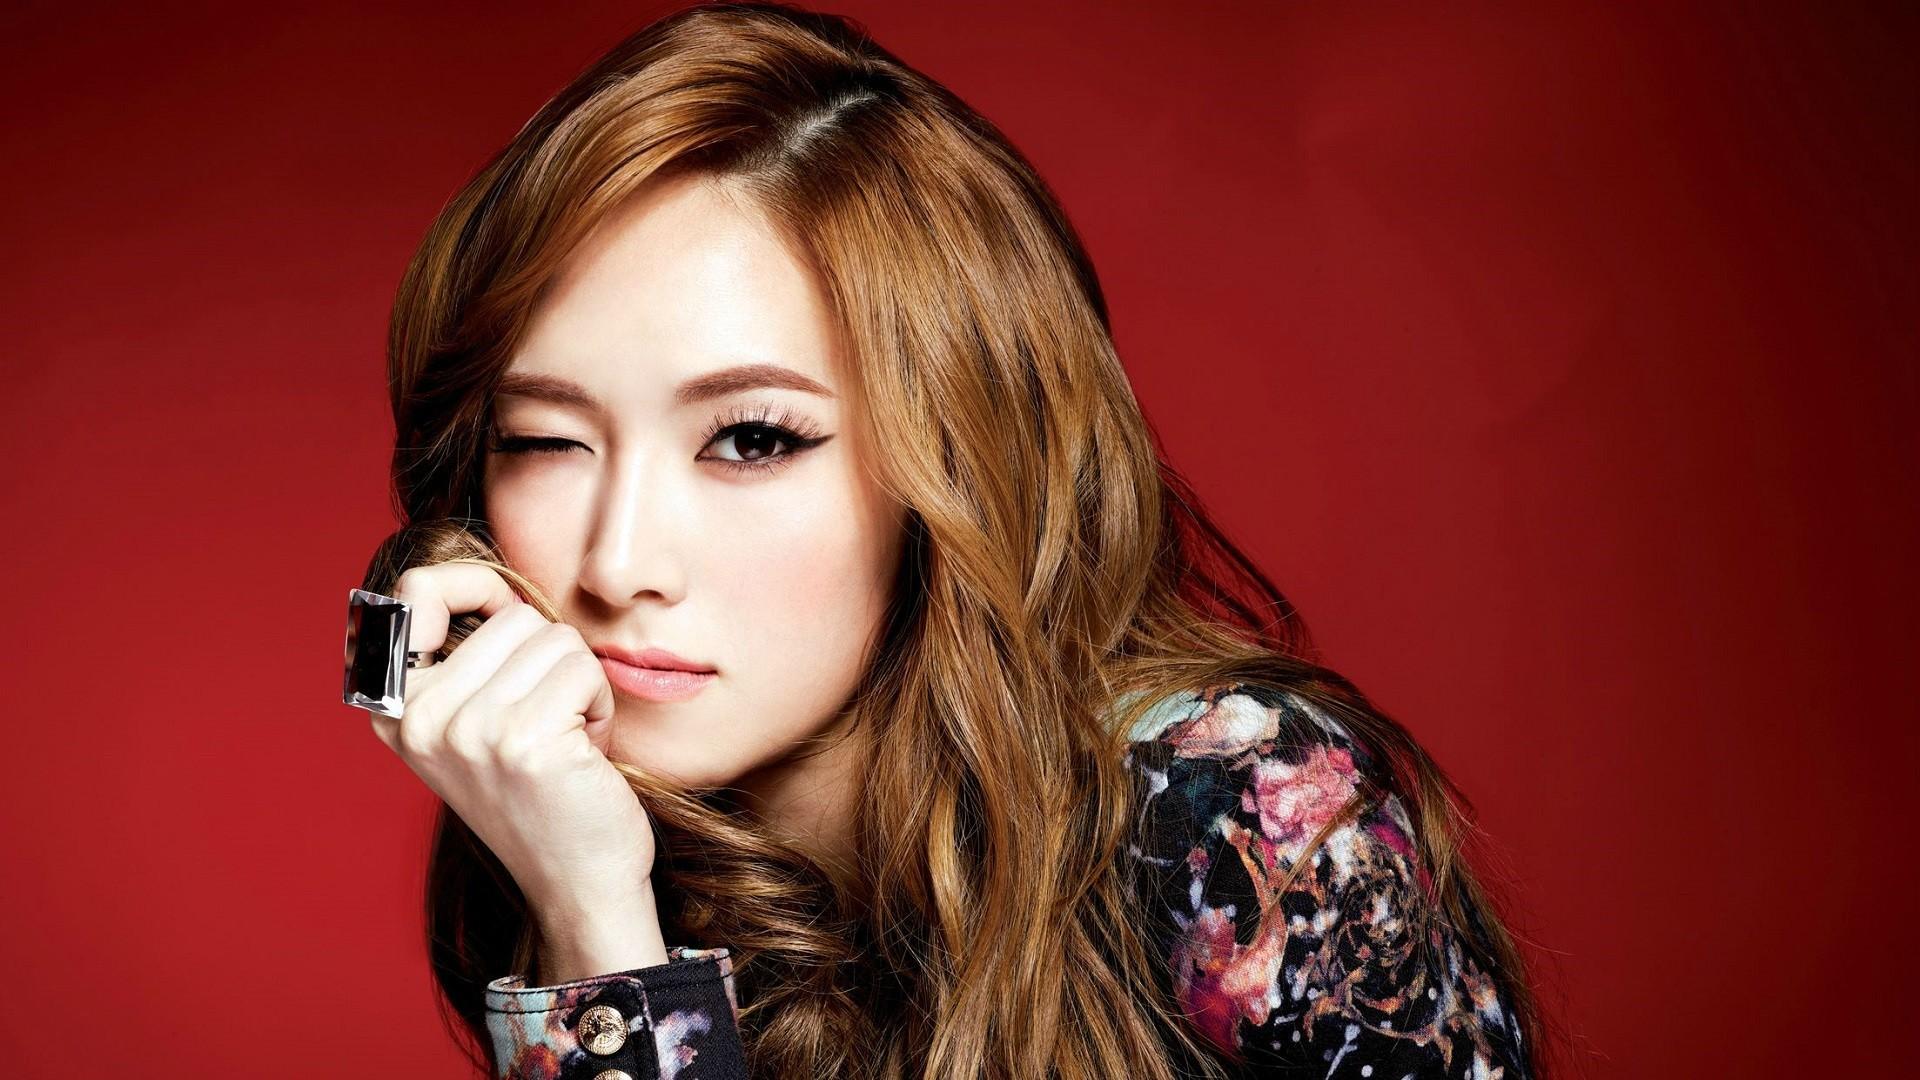 women Girls Generation SNSD Asians Jessica Jung wink faces – Wallpaper  (#2923651) /